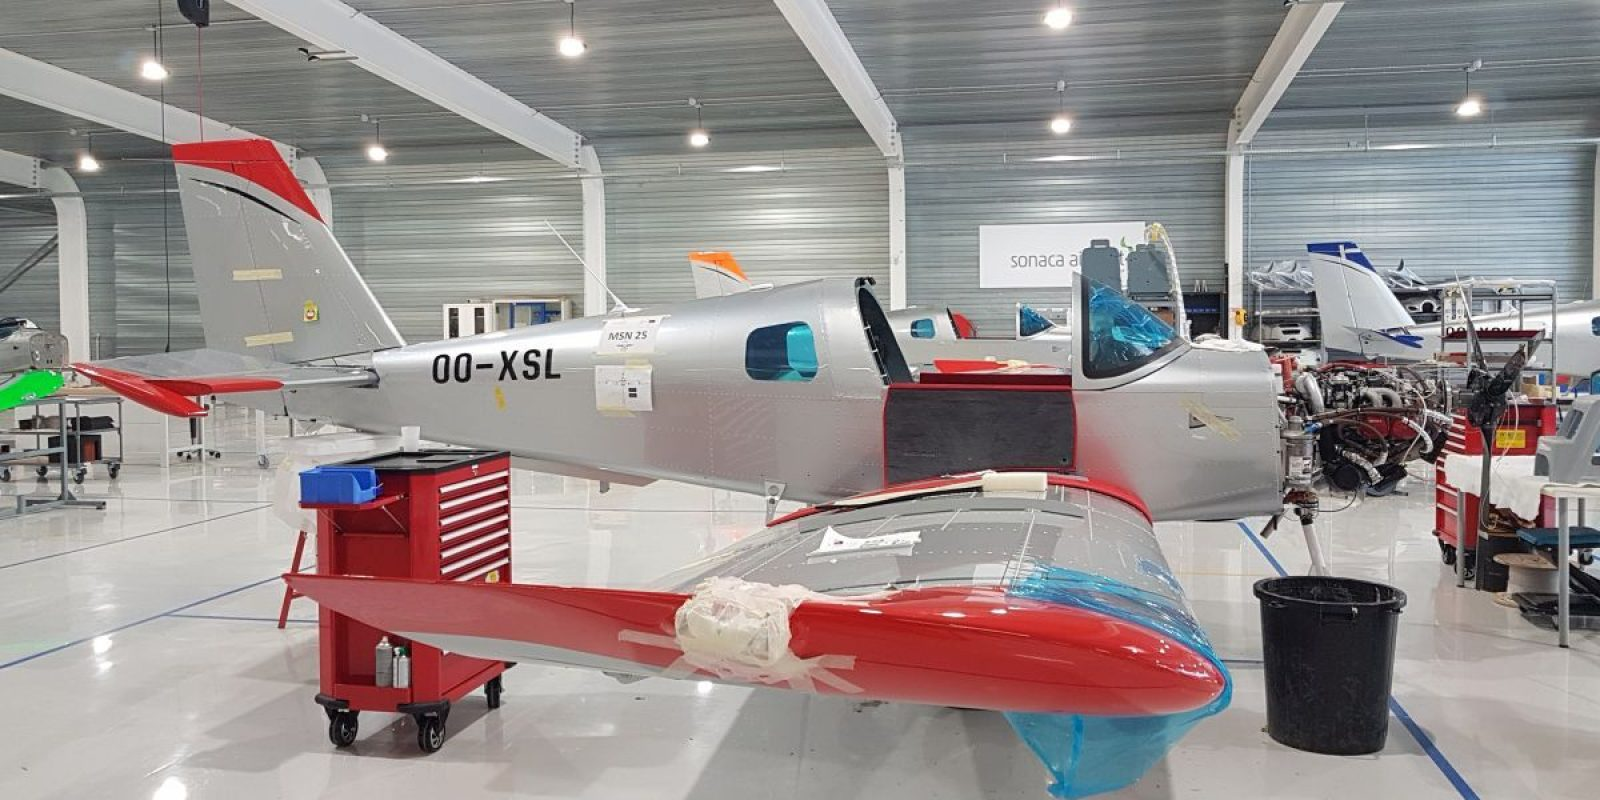 Tous les avions en cours de montage à fin août dans le hall sont destinés à l'école d'aviation turque Ayjet (s/n 25, OO- XSL, TC-UUL).